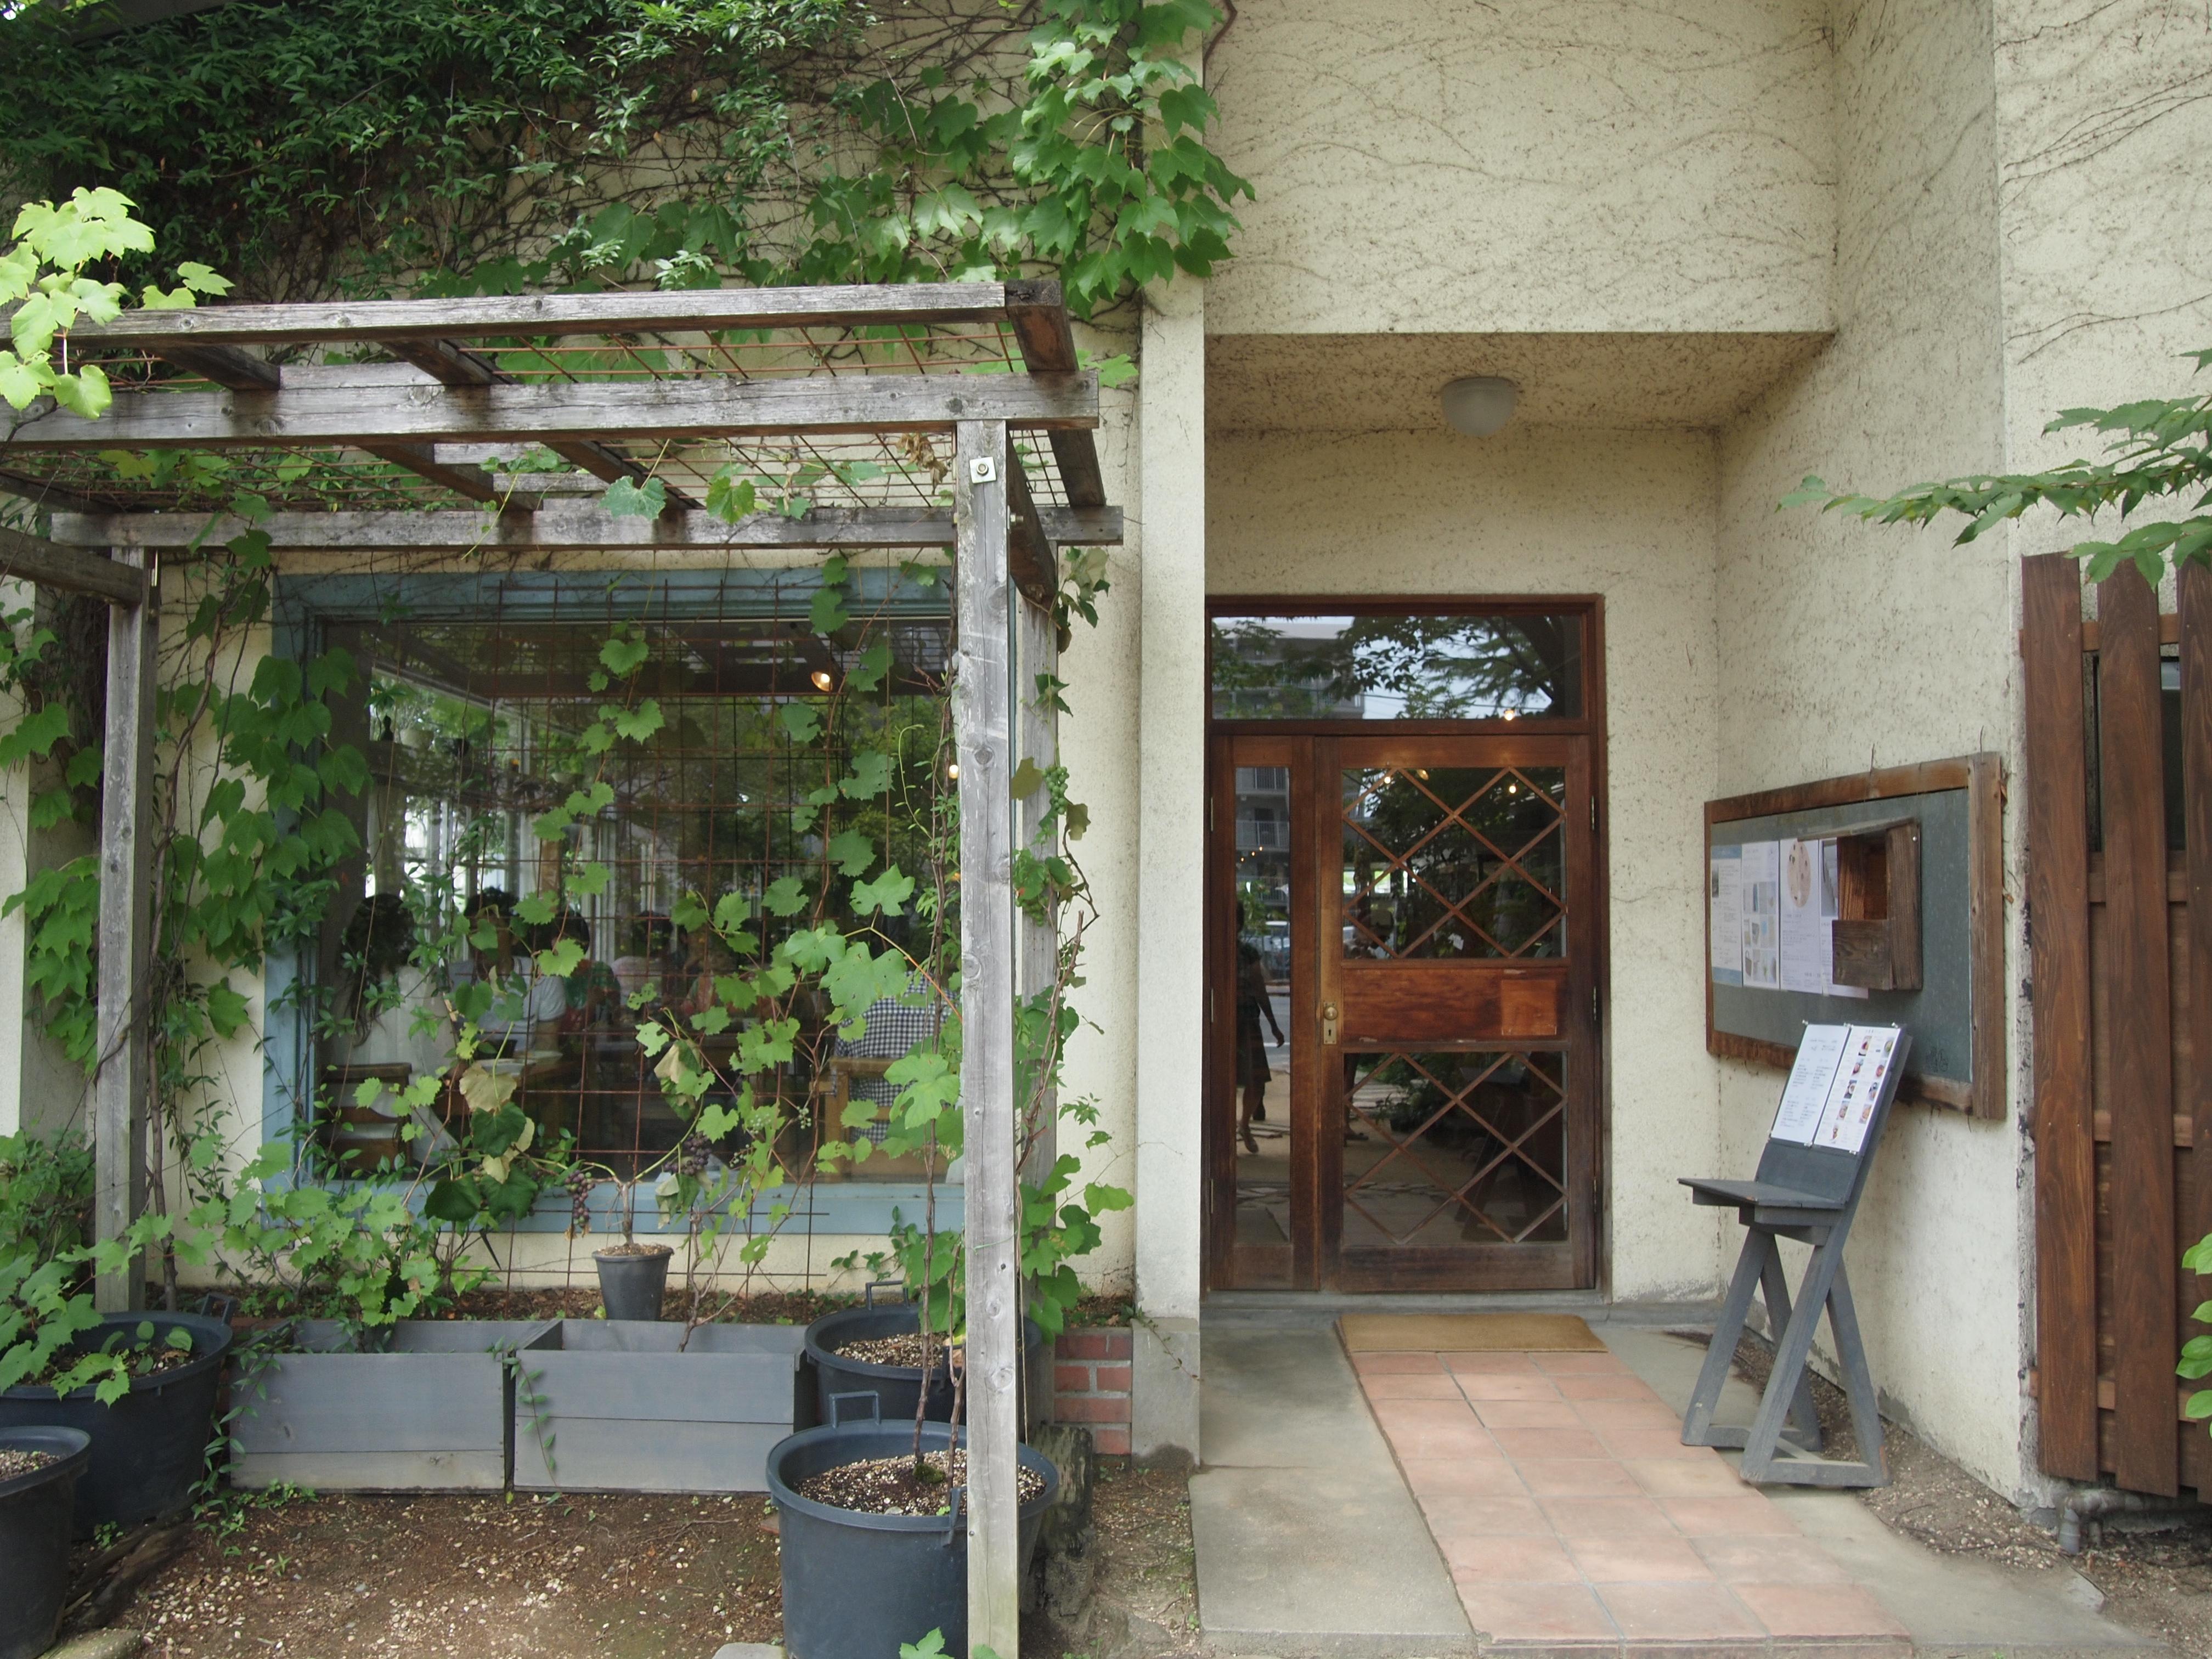 奈良の『くるみの木』!おすすめのケーキは?雑貨屋もある人気カフェ特集!